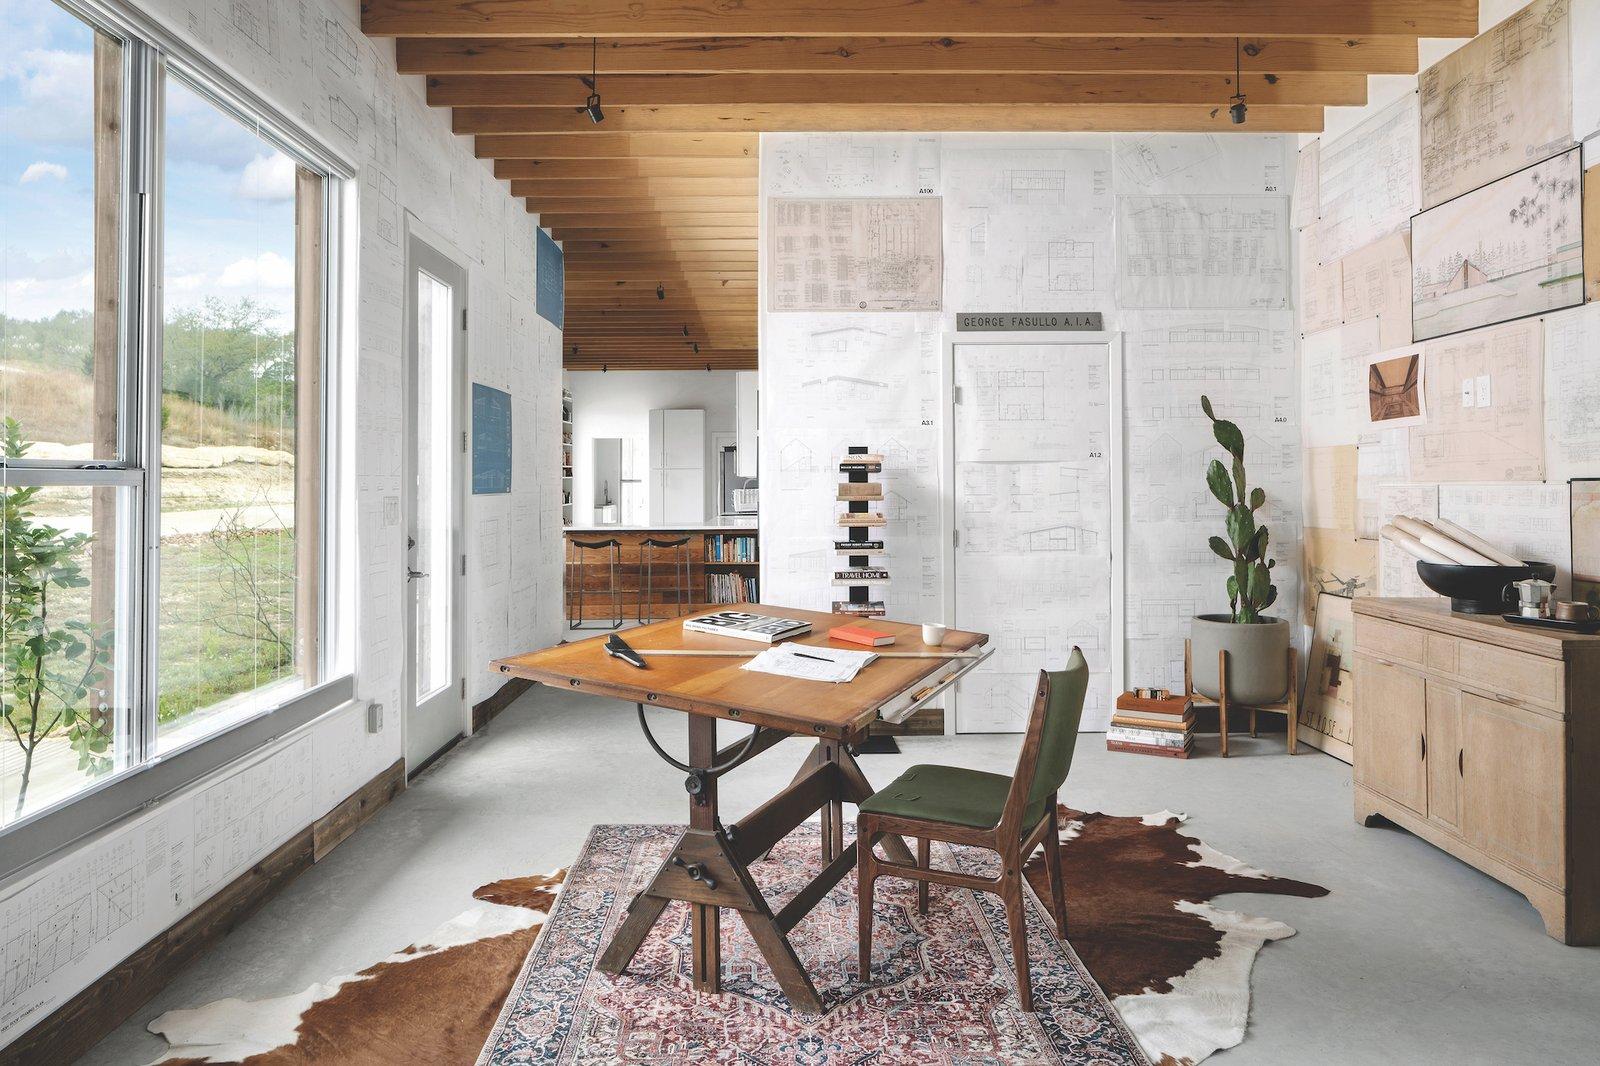 Office of Dakota Mountain by LowDO.